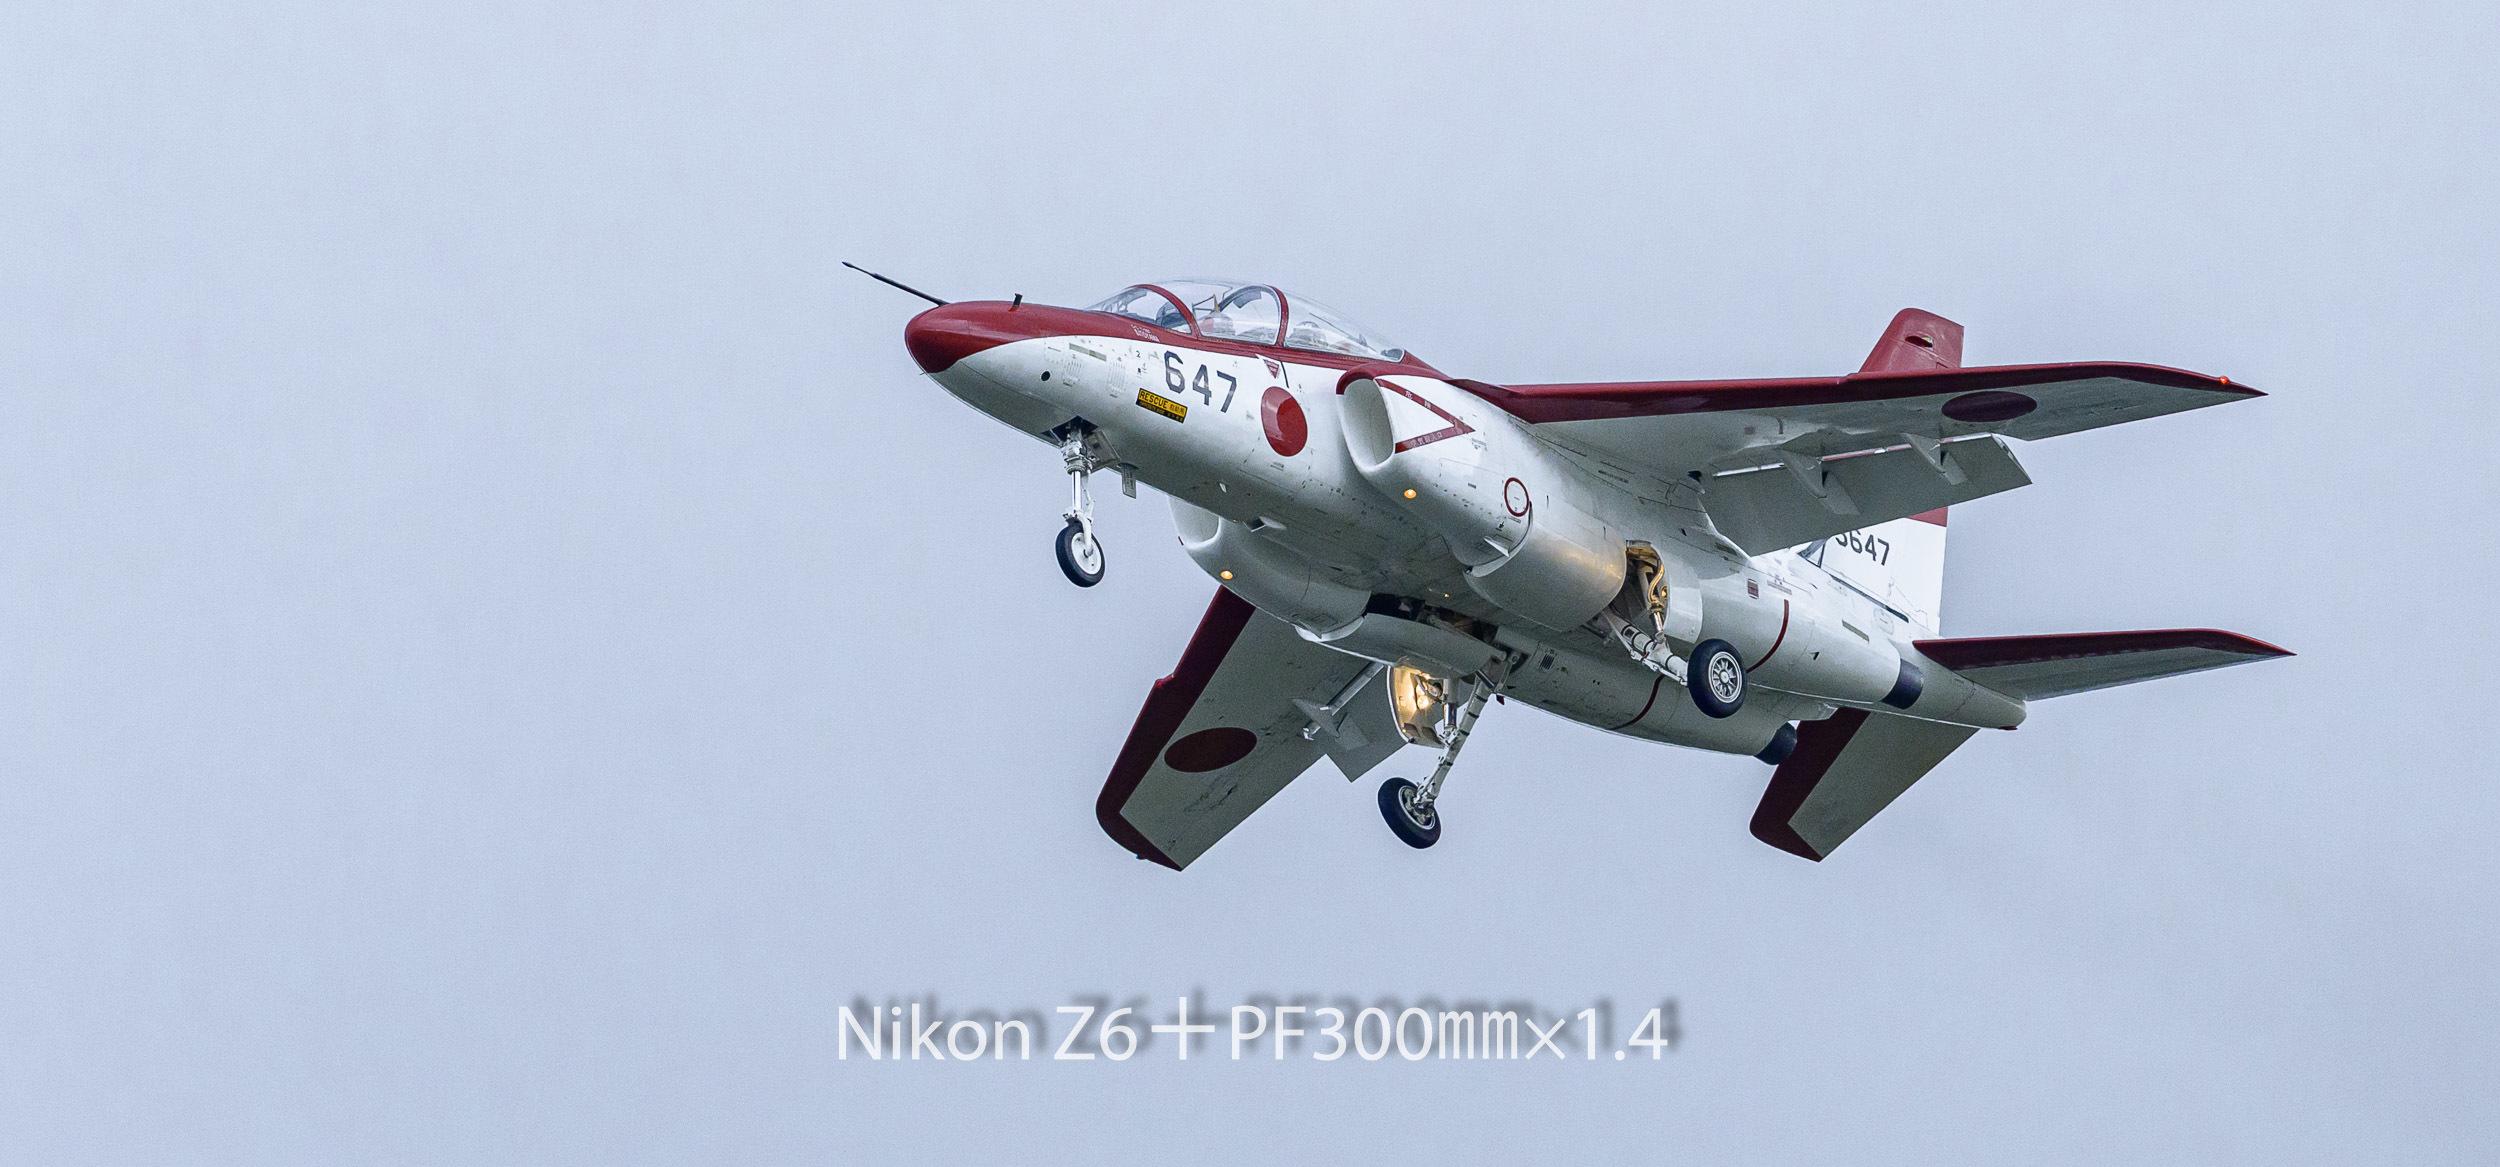 191008 ジェット練習機-28 NIKON Z 6 ISO 2800 420 mm 4367 x 2038